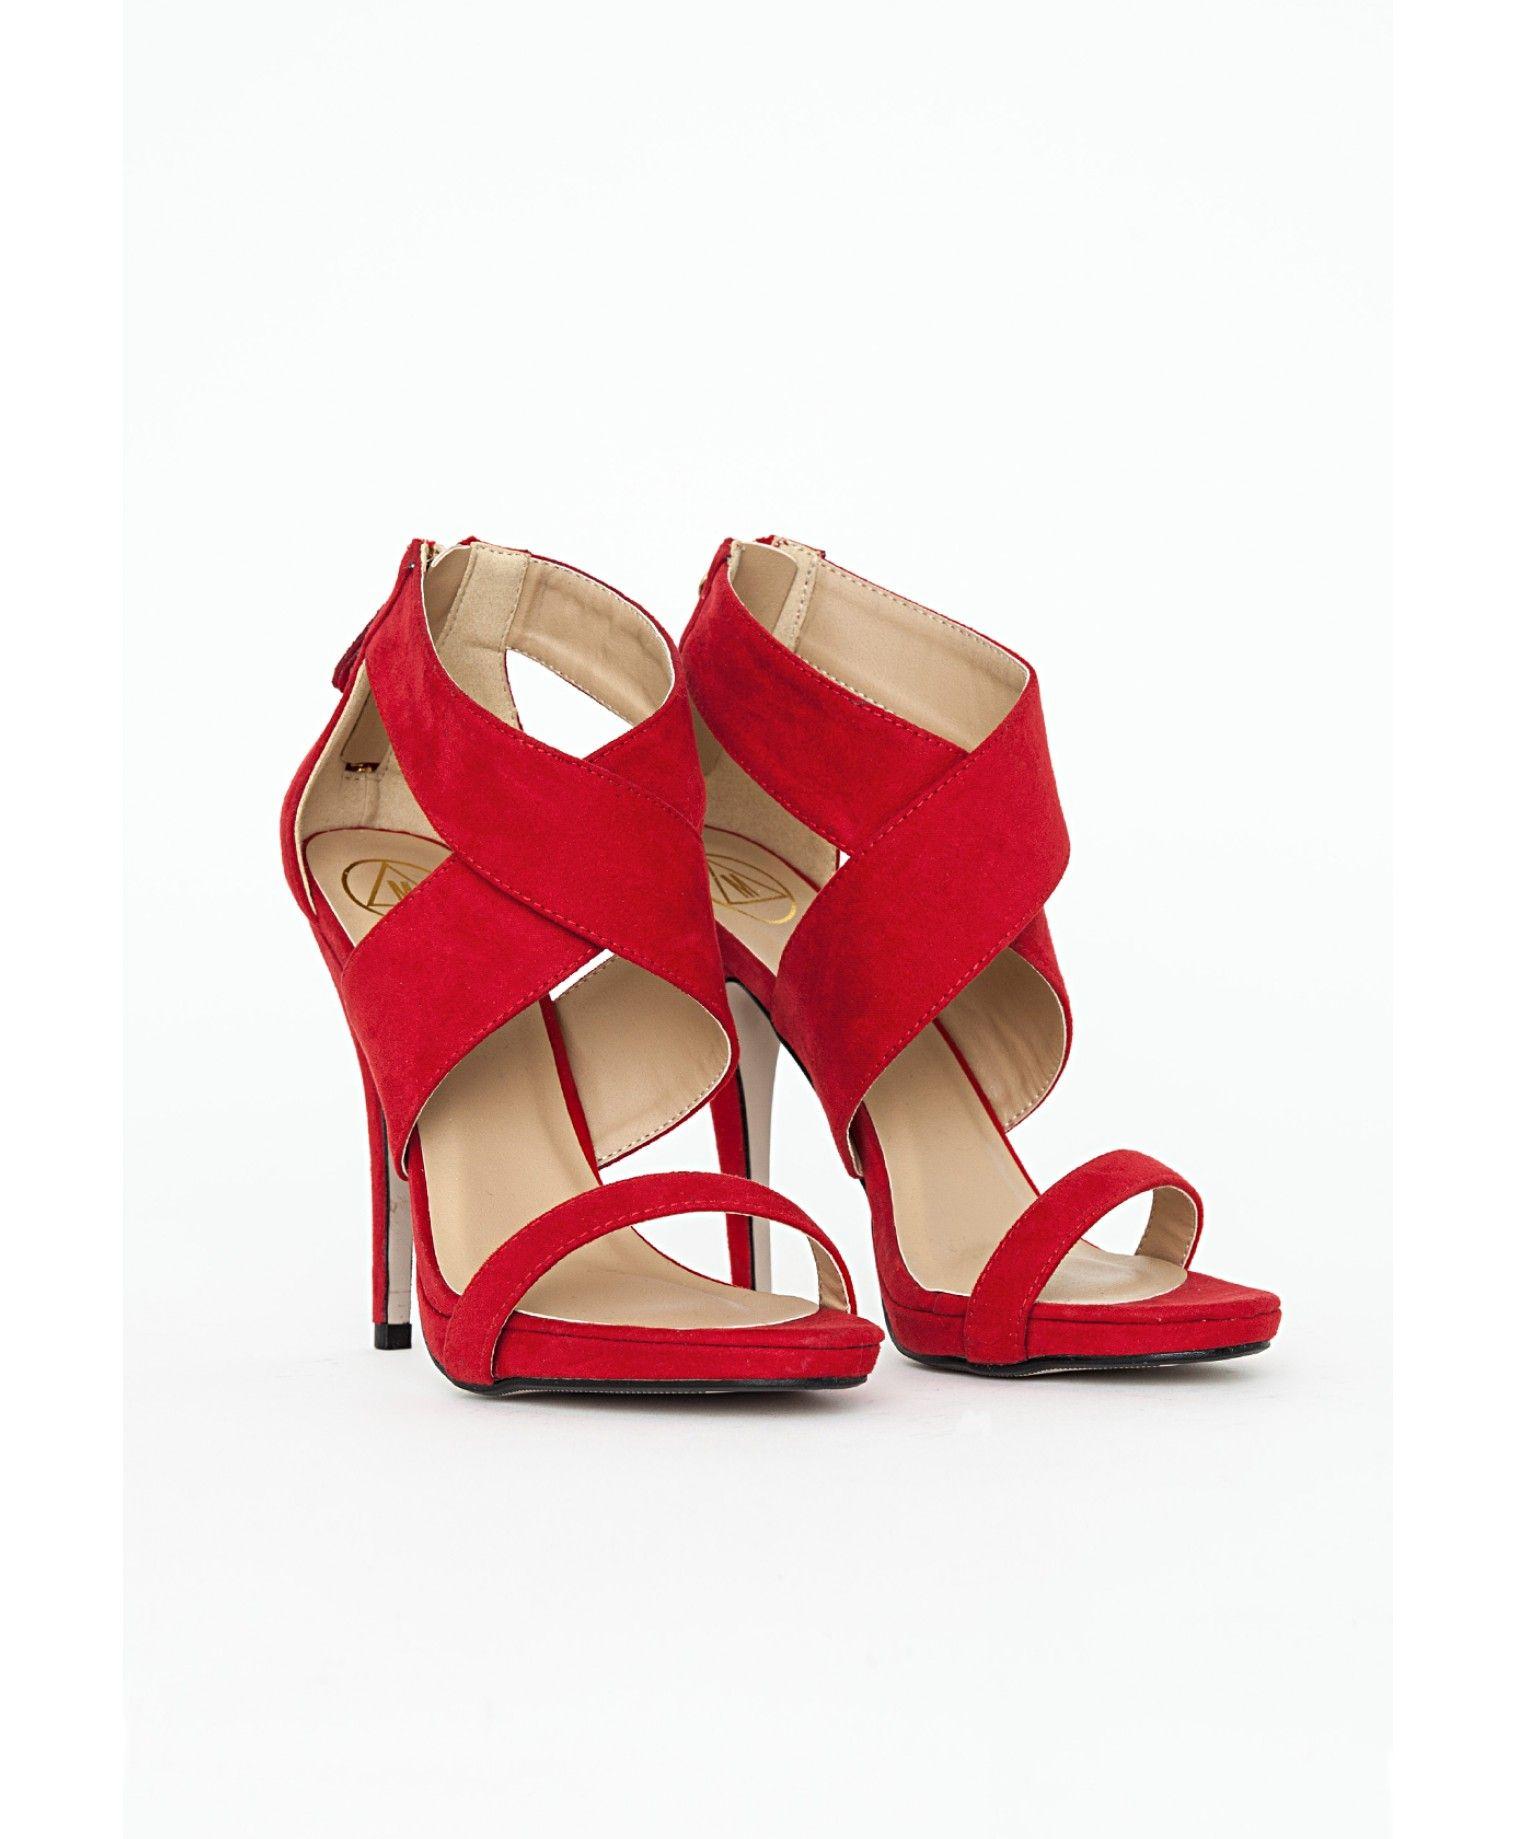 sandales hautes brides crois es rouges chaussures talons hauts missguided 01 todress. Black Bedroom Furniture Sets. Home Design Ideas